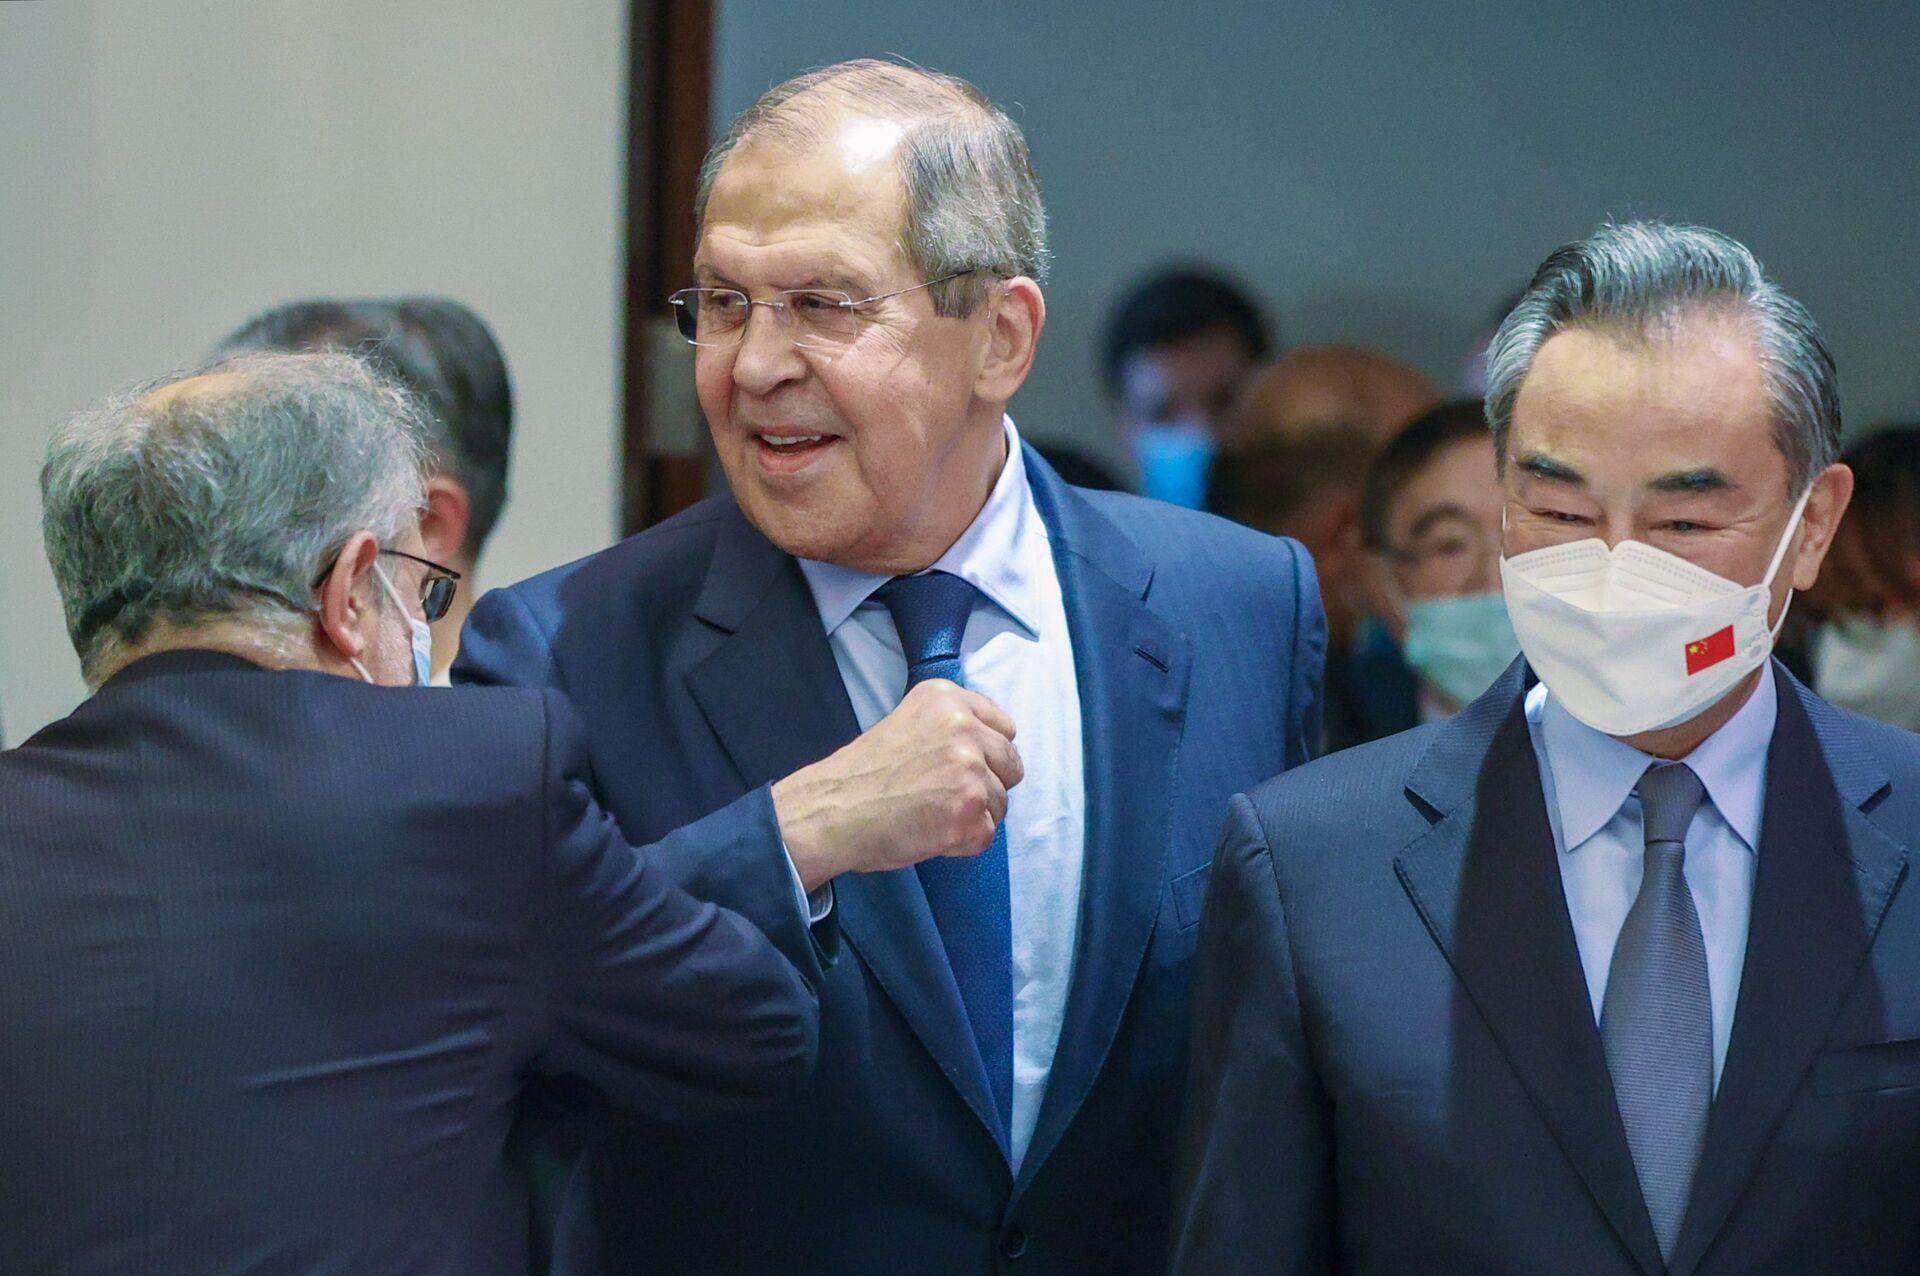 Ngoại trưởng Nga Lavrov tham gia hội nghị thượng đỉnh Tổ chức Hợp tác Thượng Hải (SCO) tại Dushanbe - Sputnik Việt Nam, 1920, 05.10.2021